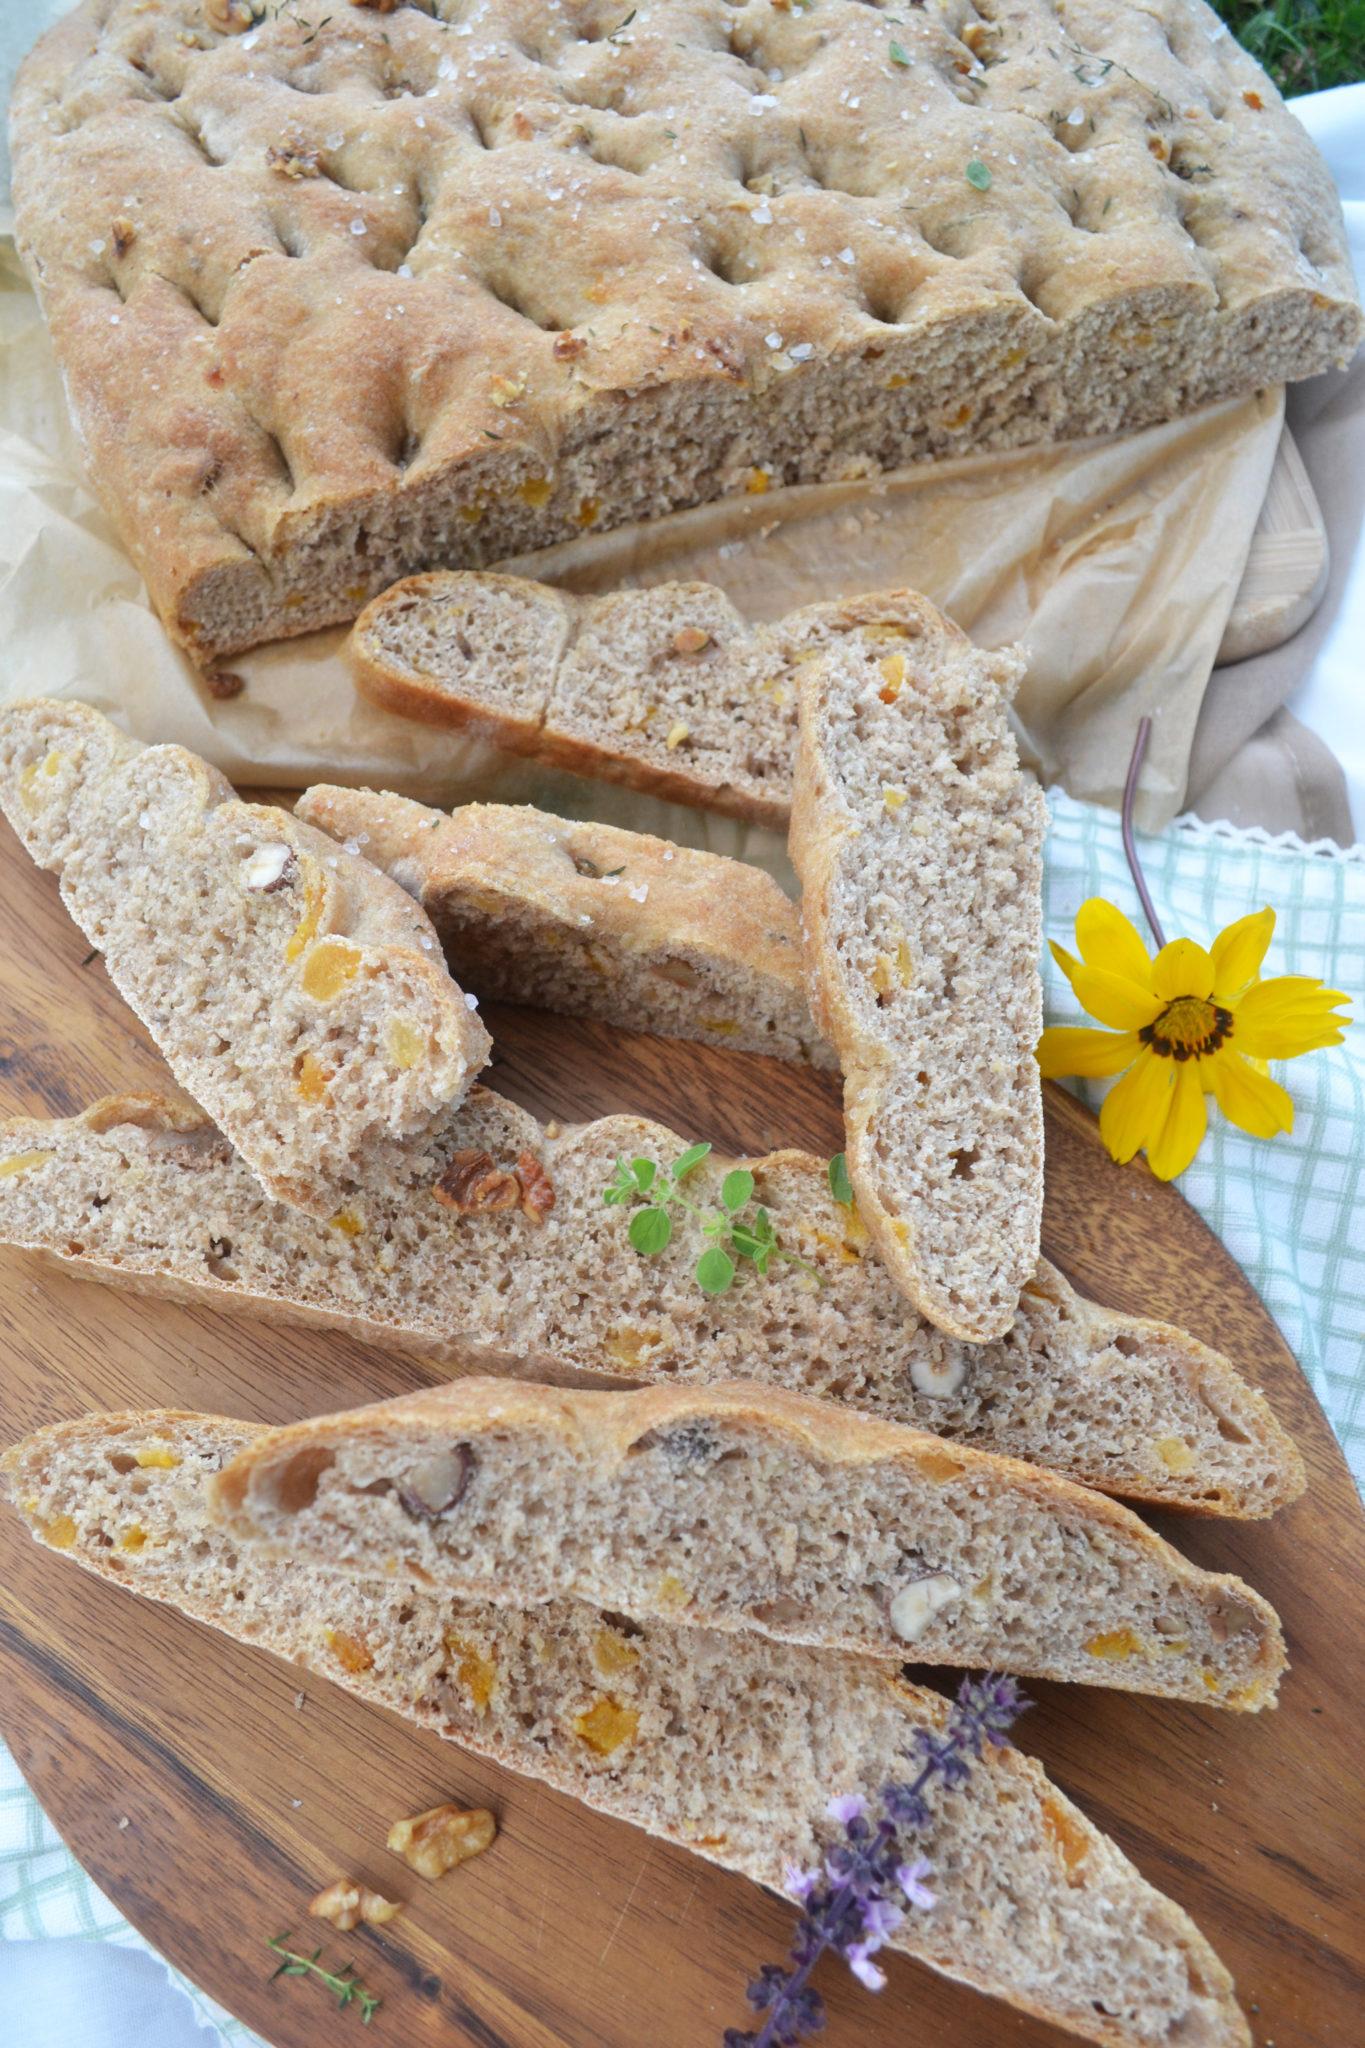 Skandinavisch Backen! Nordische Dinkel-Focaccia mit Trockenfrüchten und Nüssen